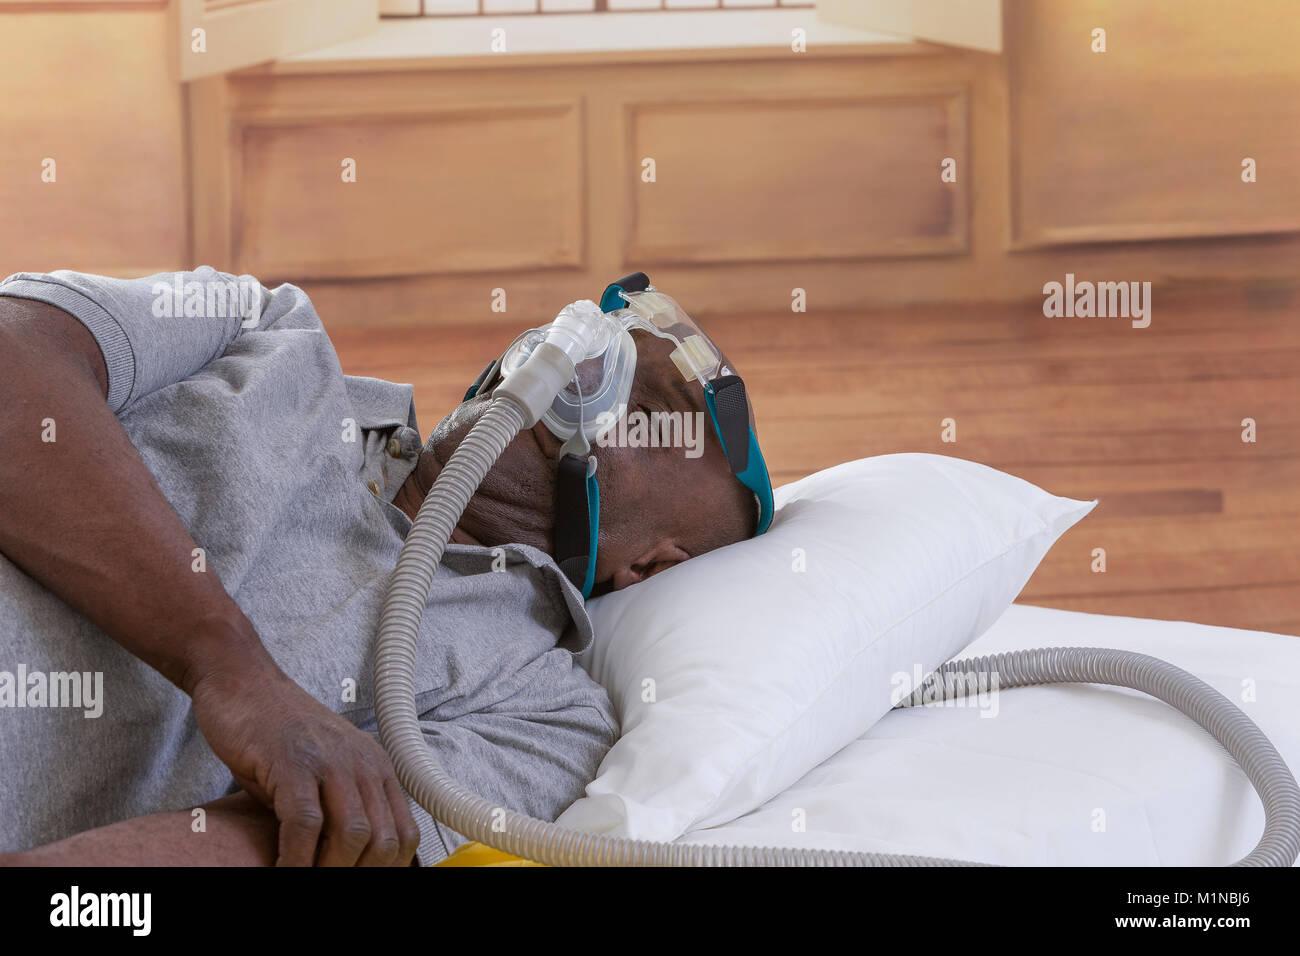 Il concetto di assistenza sanitaria,africano, uomo americano con apnea ostruttiva da sonno dormire bene con cpap Immagini Stock